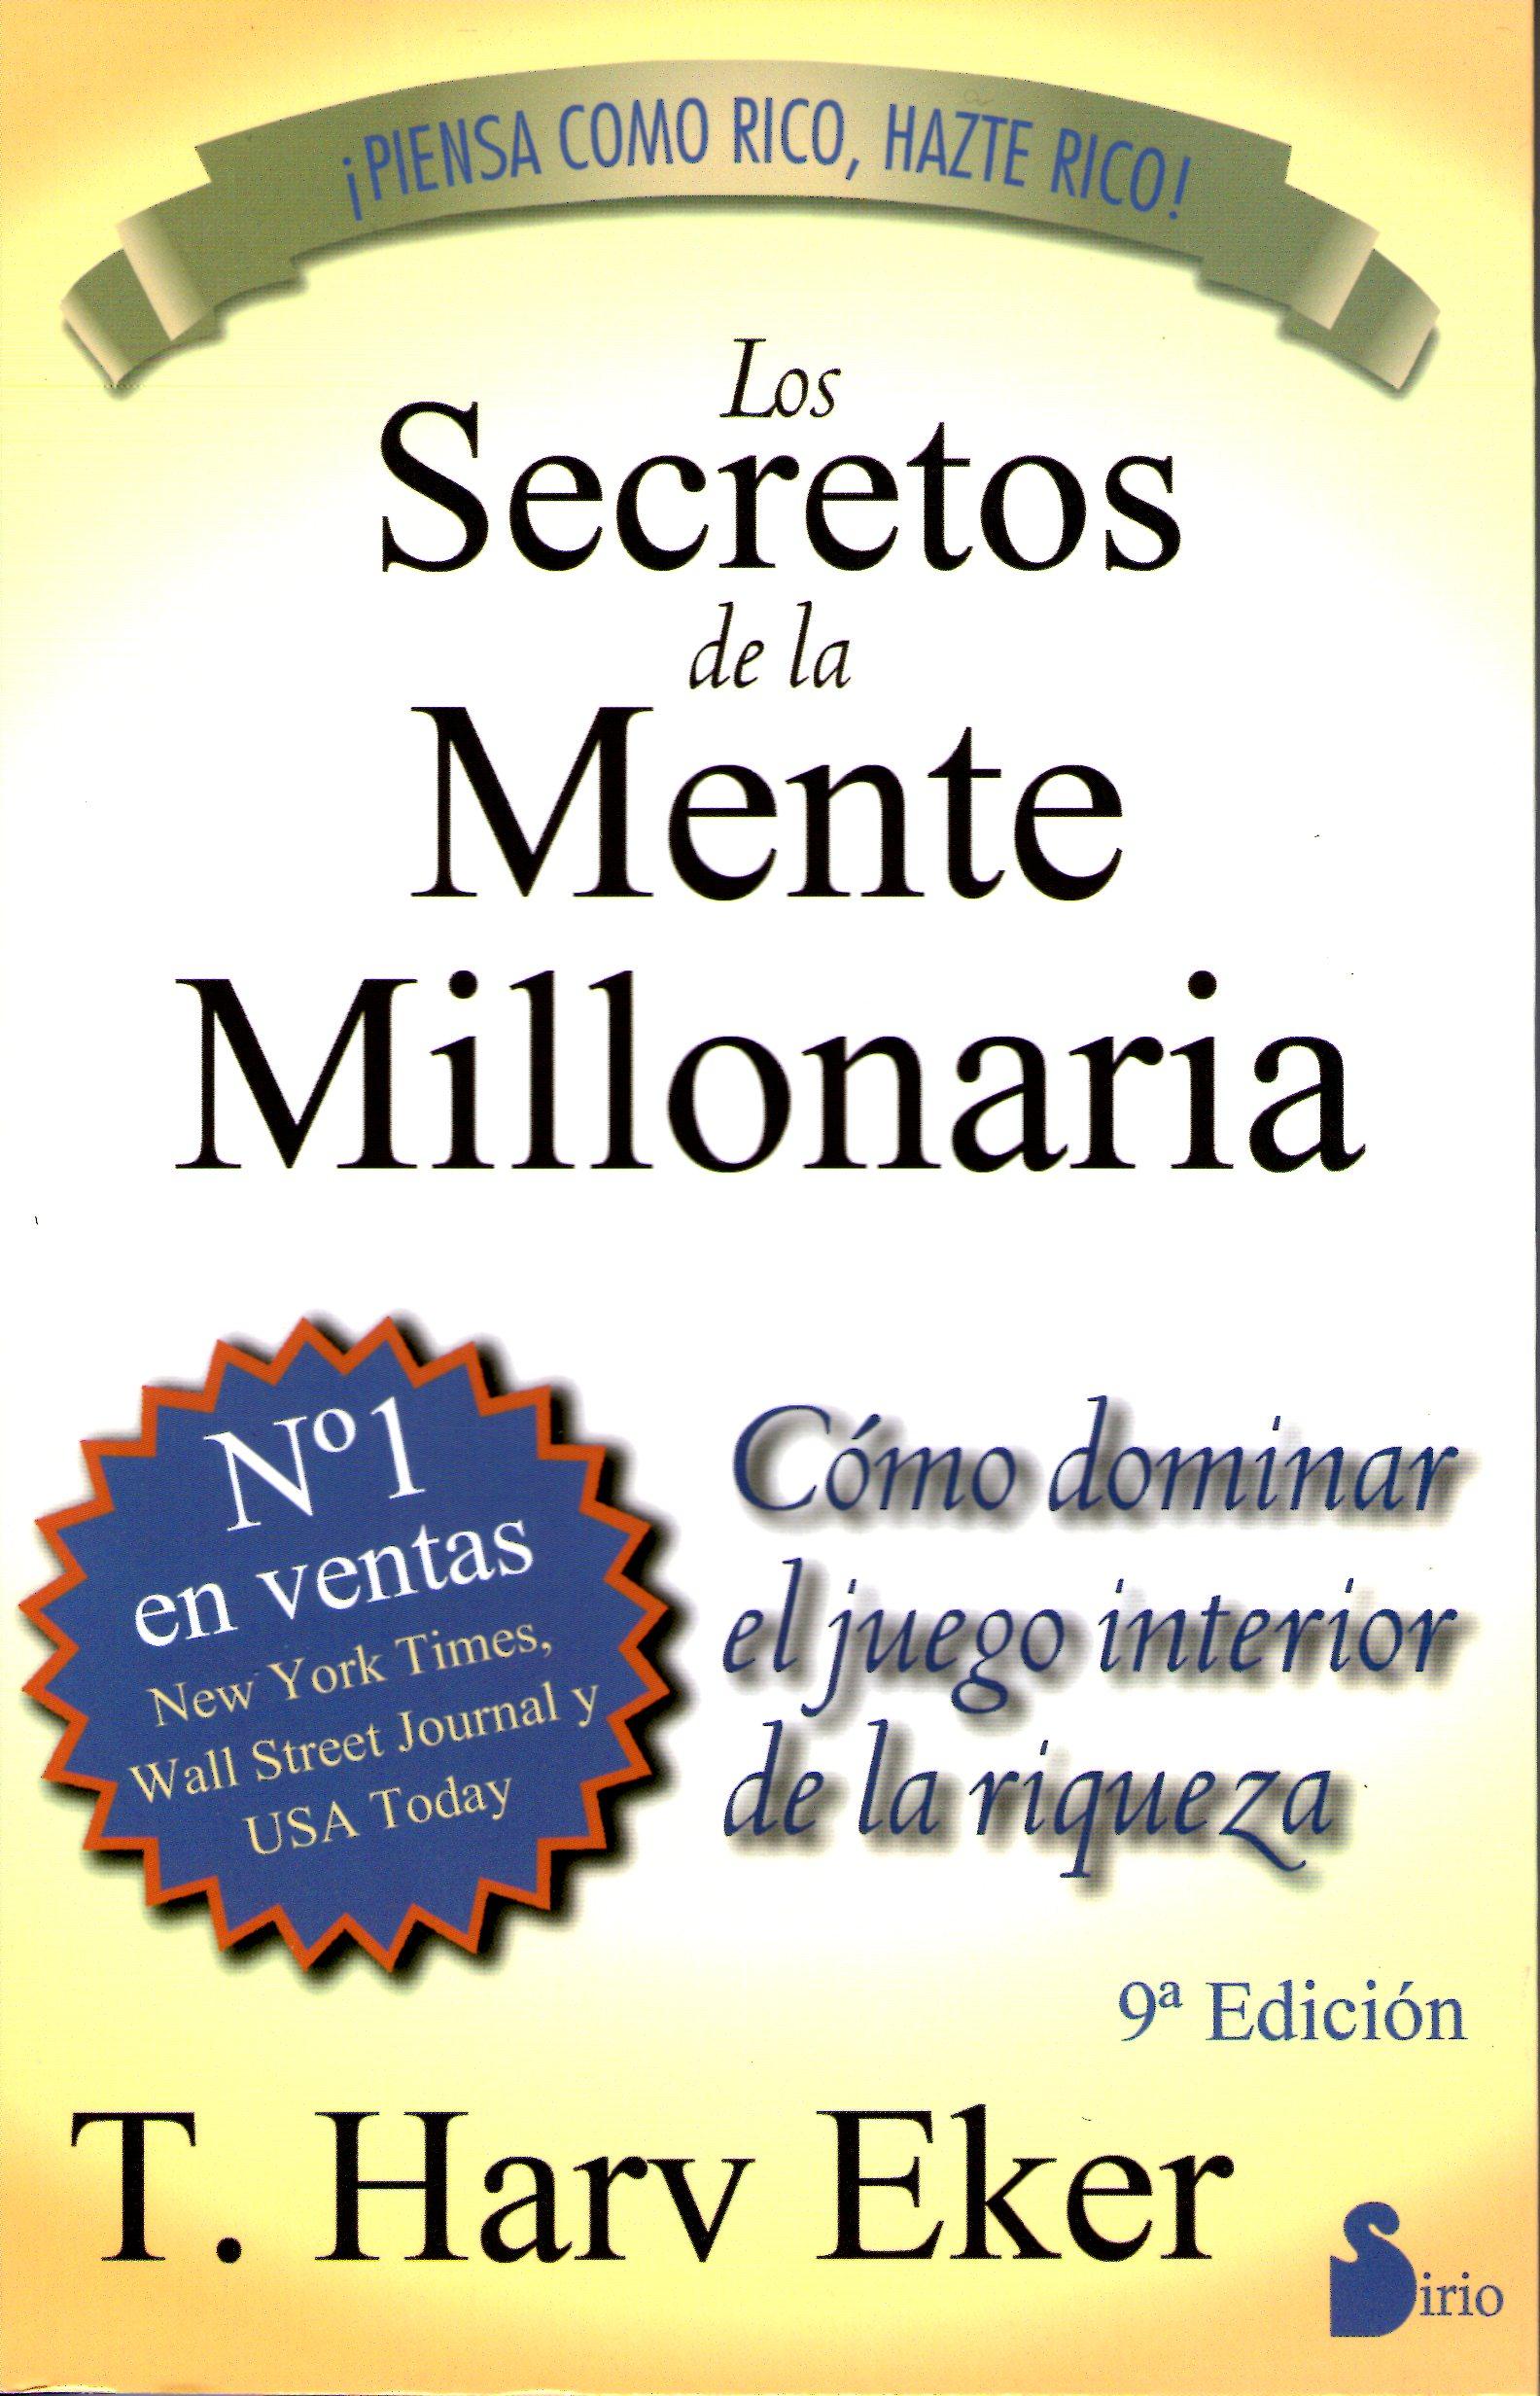 Resumen Los Secretos de la Mente Millonaria (Eker Harv) – LibroResumen